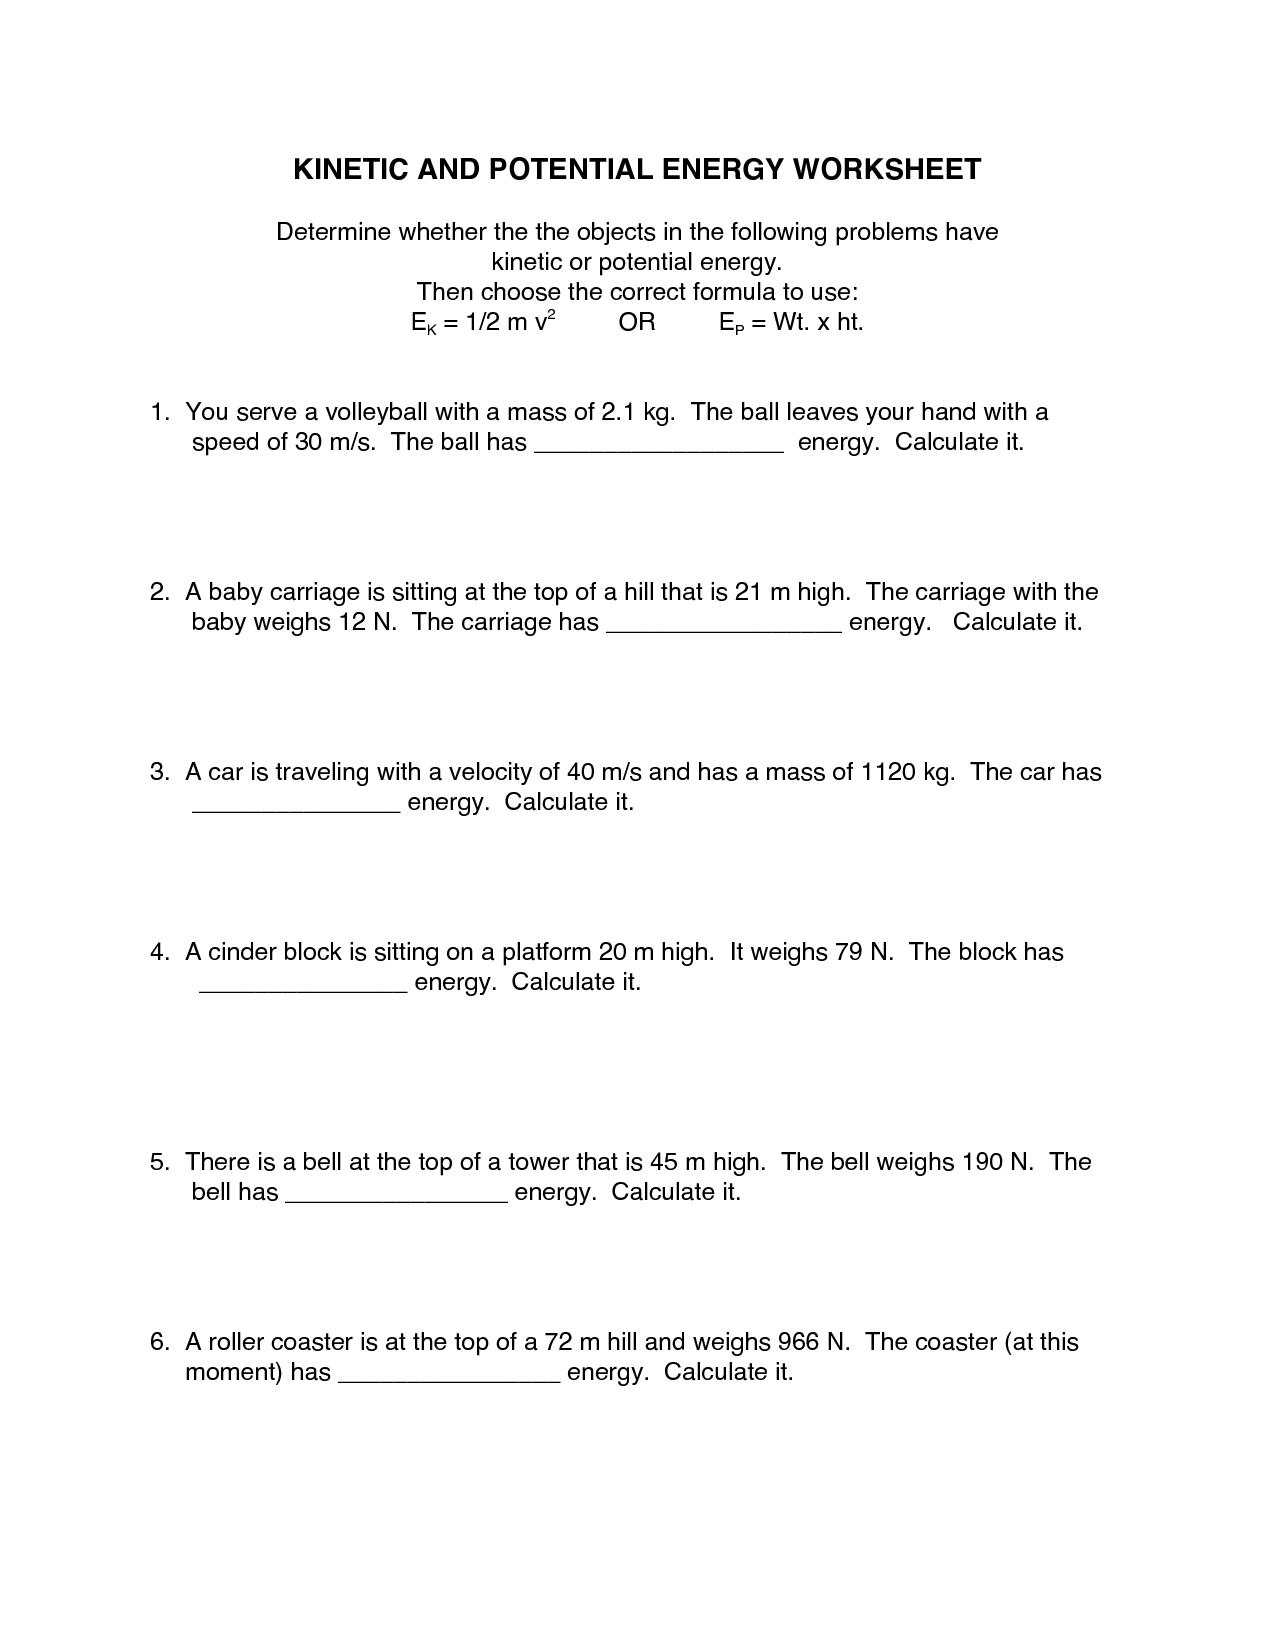 Gibbs Energy Worksheet Doc